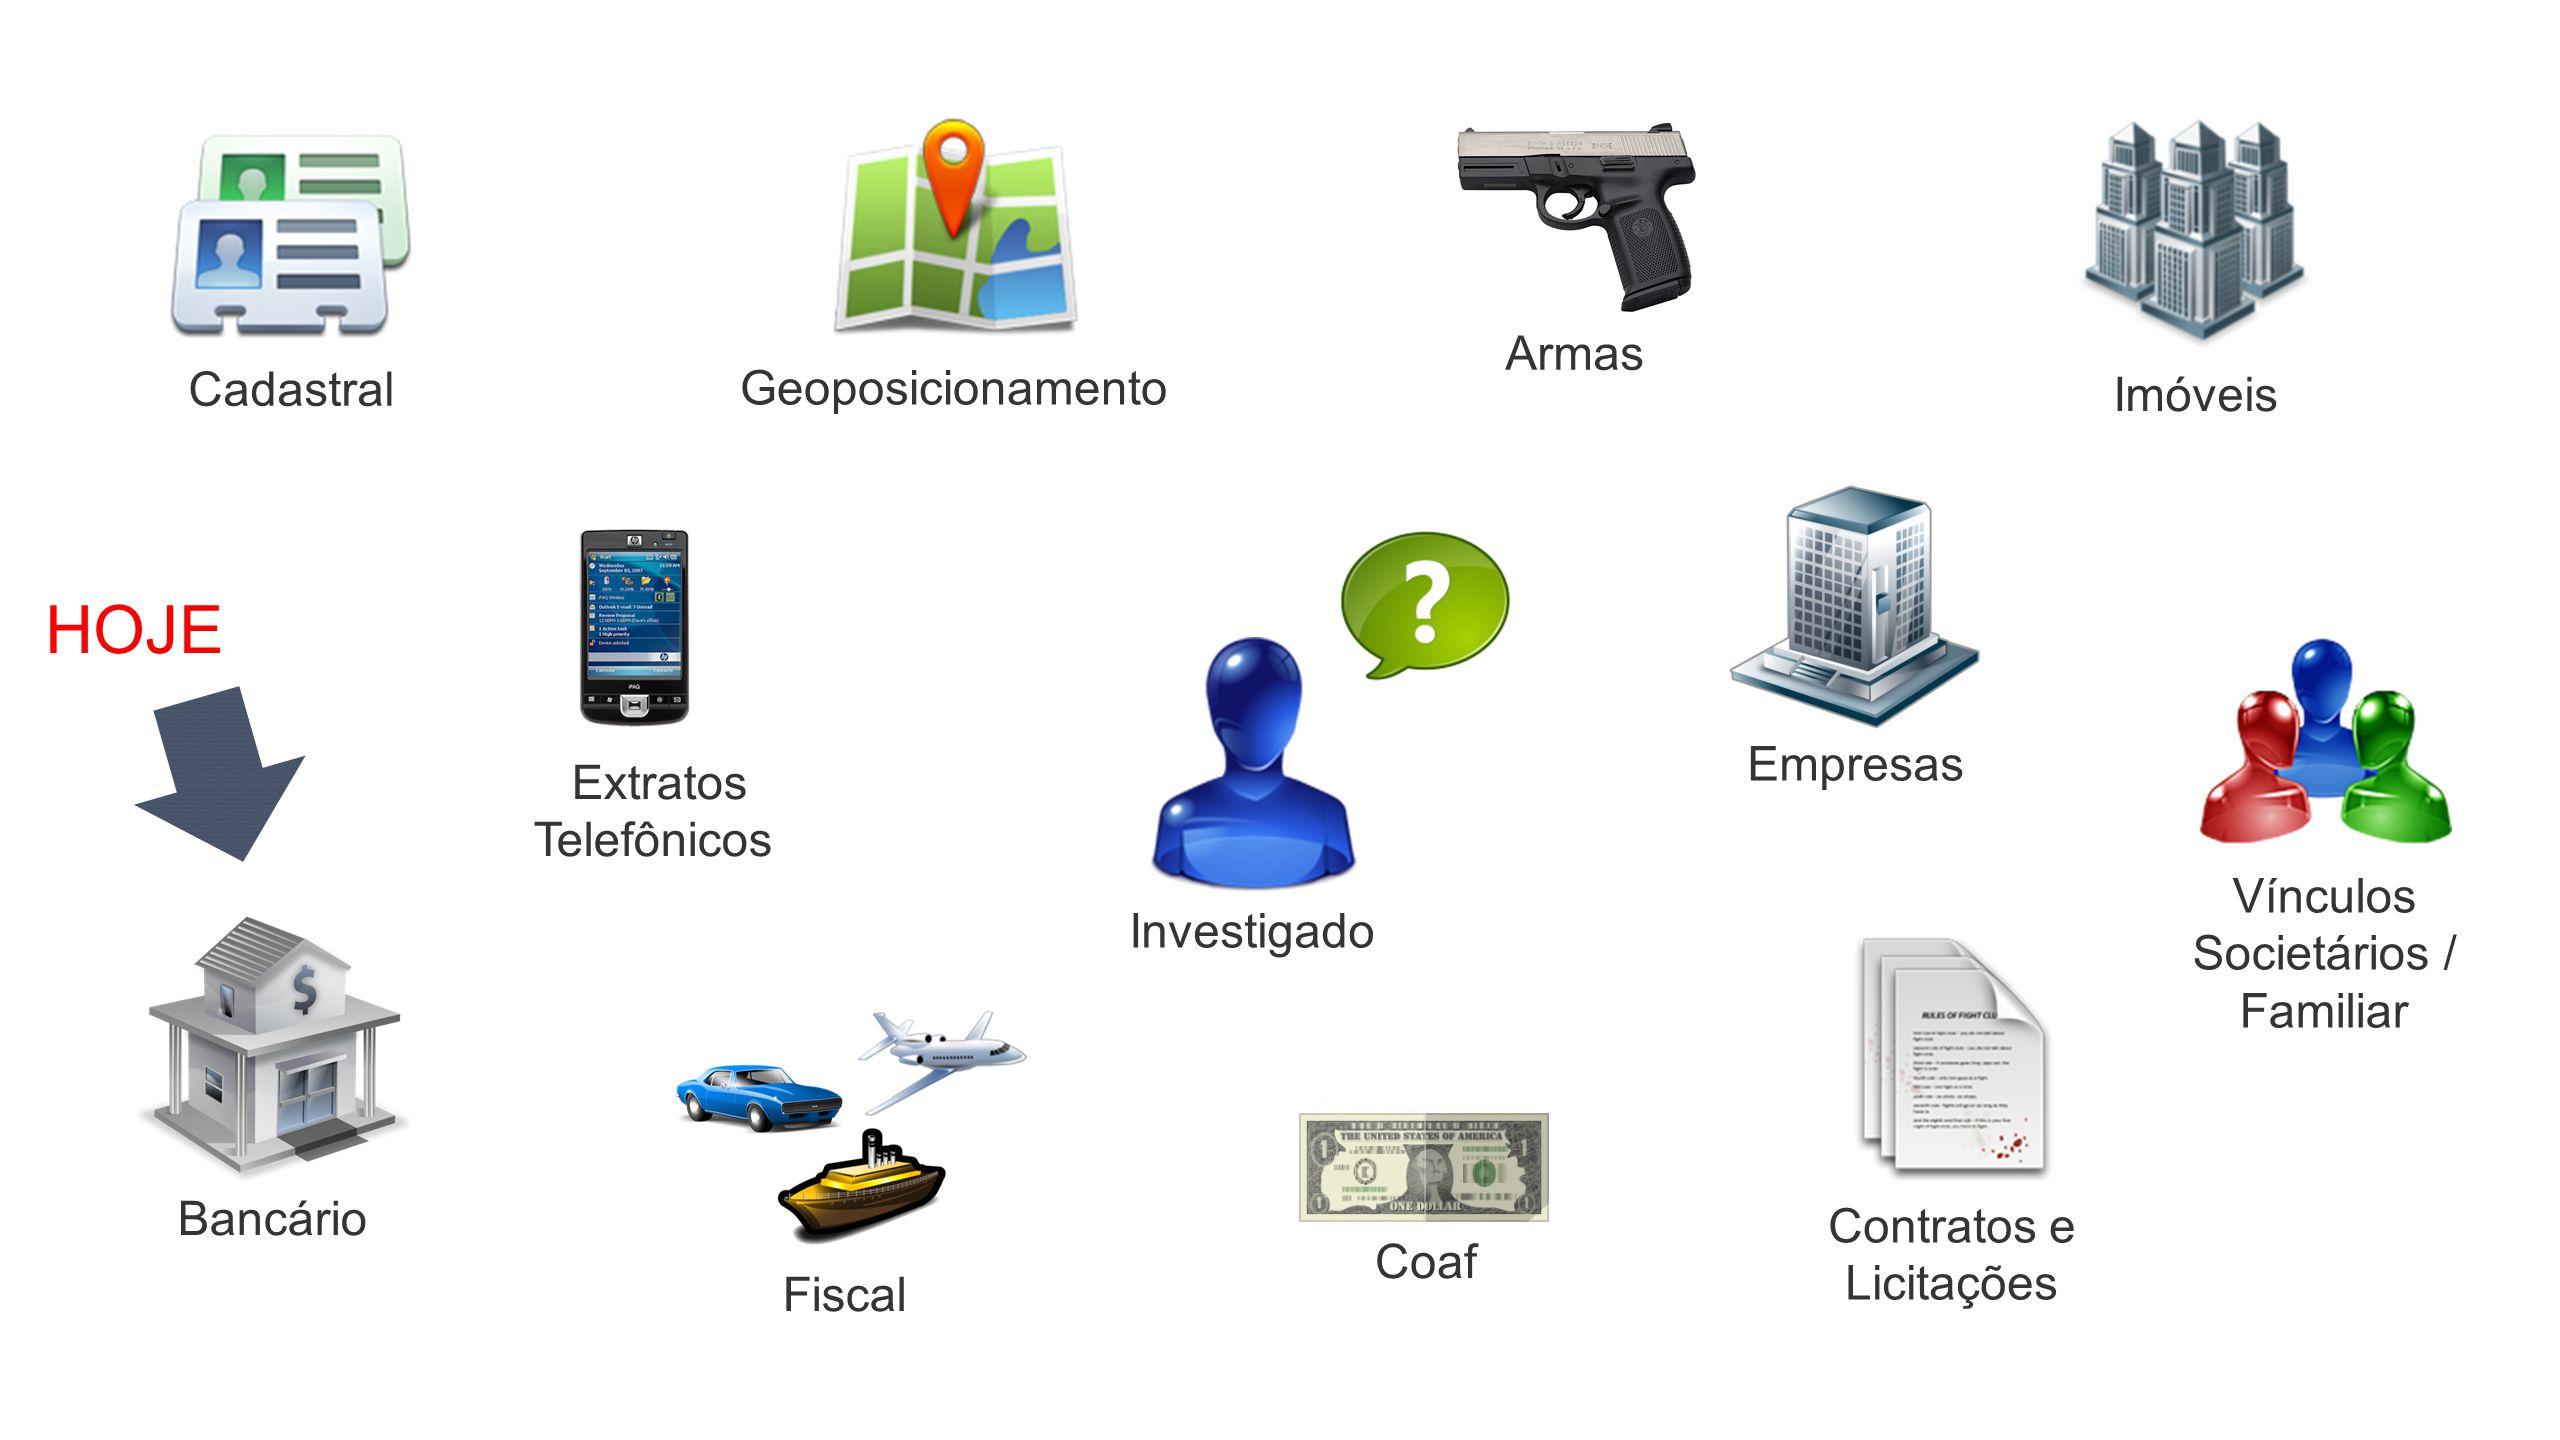 HOJE Armas Cadastral Geoposicionamento Imóveis Empresas